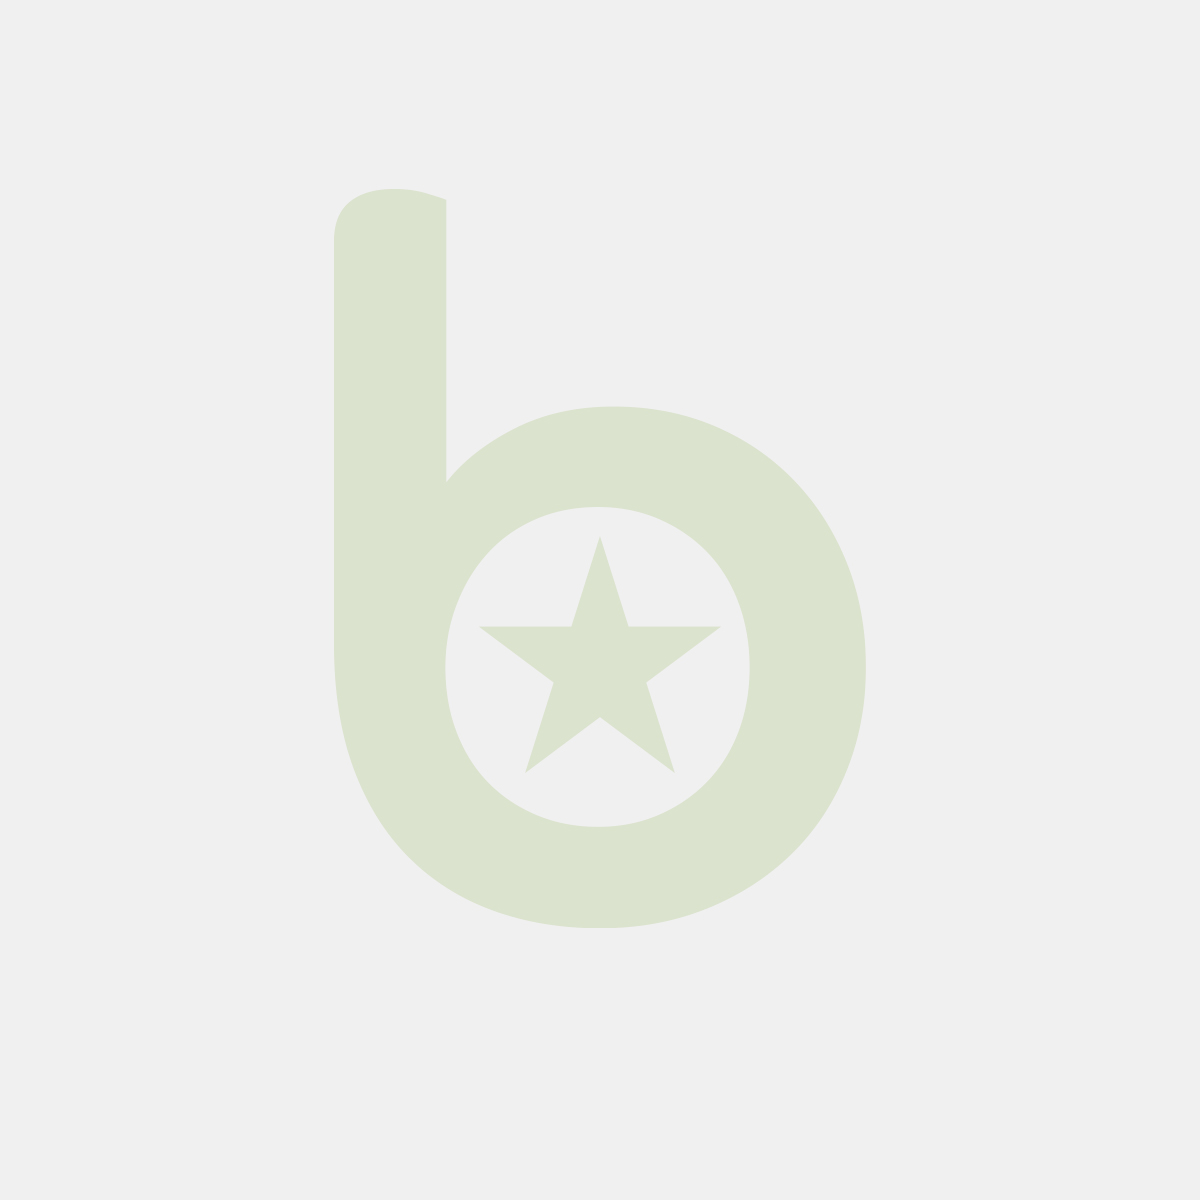 Pokrywka Do Pojemników Gn - Z Poliwęglanu Gn 1/4